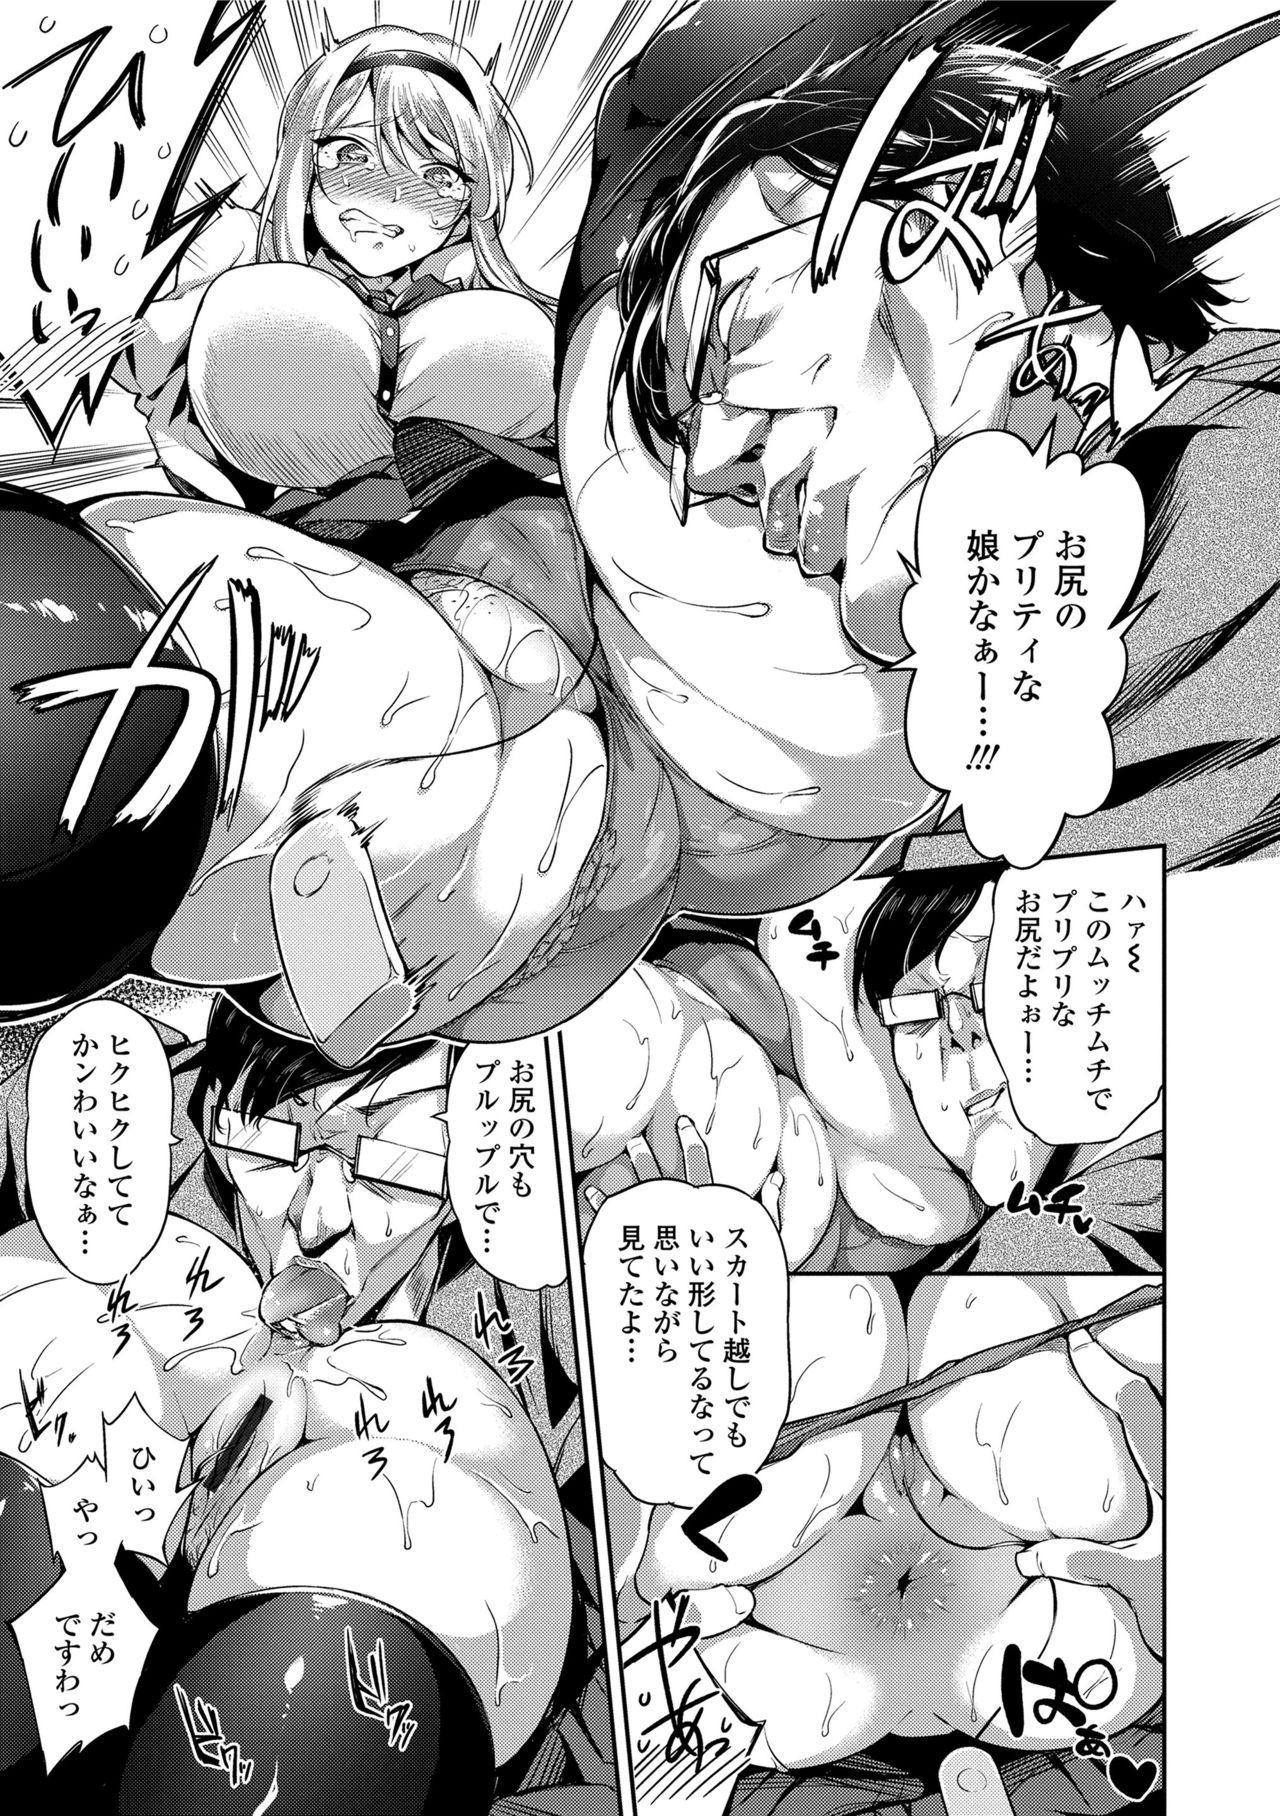 Ai ga Nakutemo Ecchi wa Dekiru! - Even if There is No Love You Can H! 72